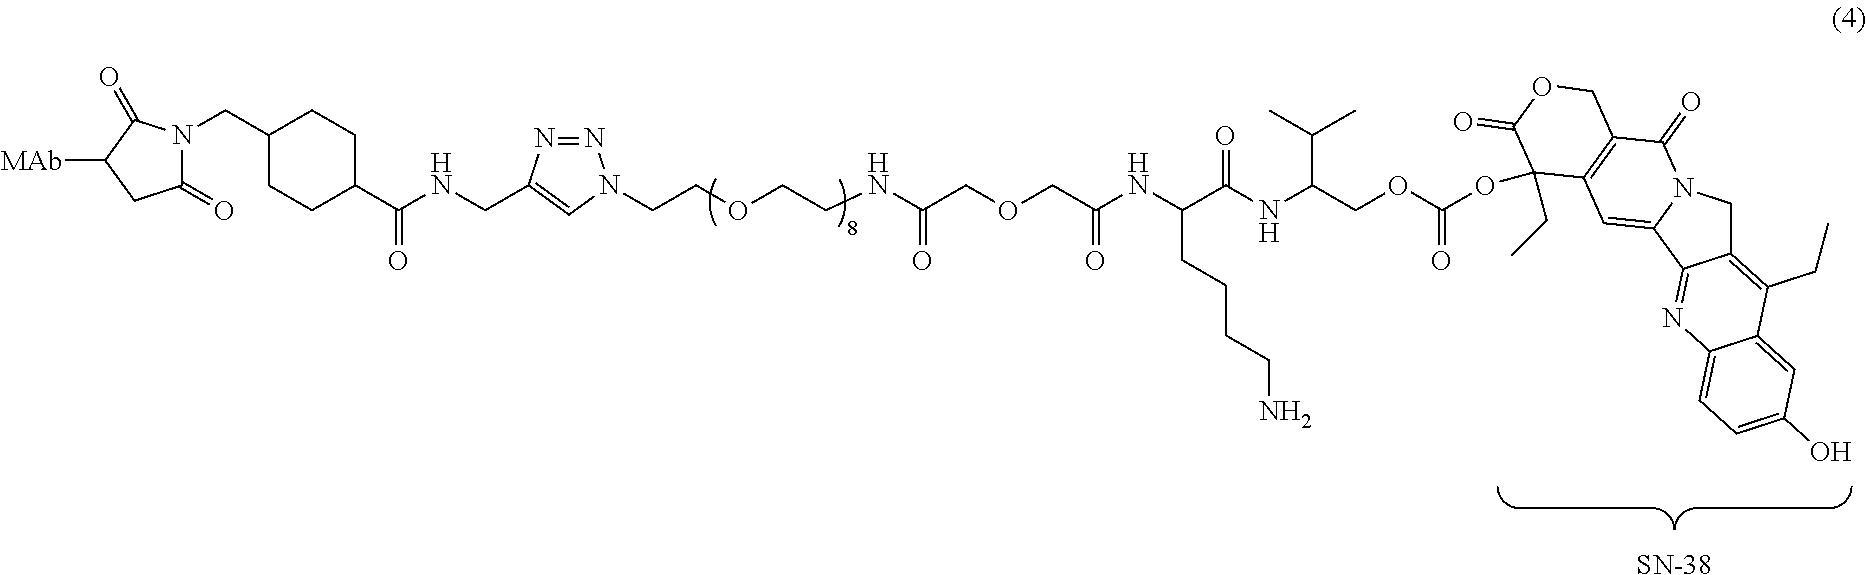 Figure US09226973-20160105-C00003